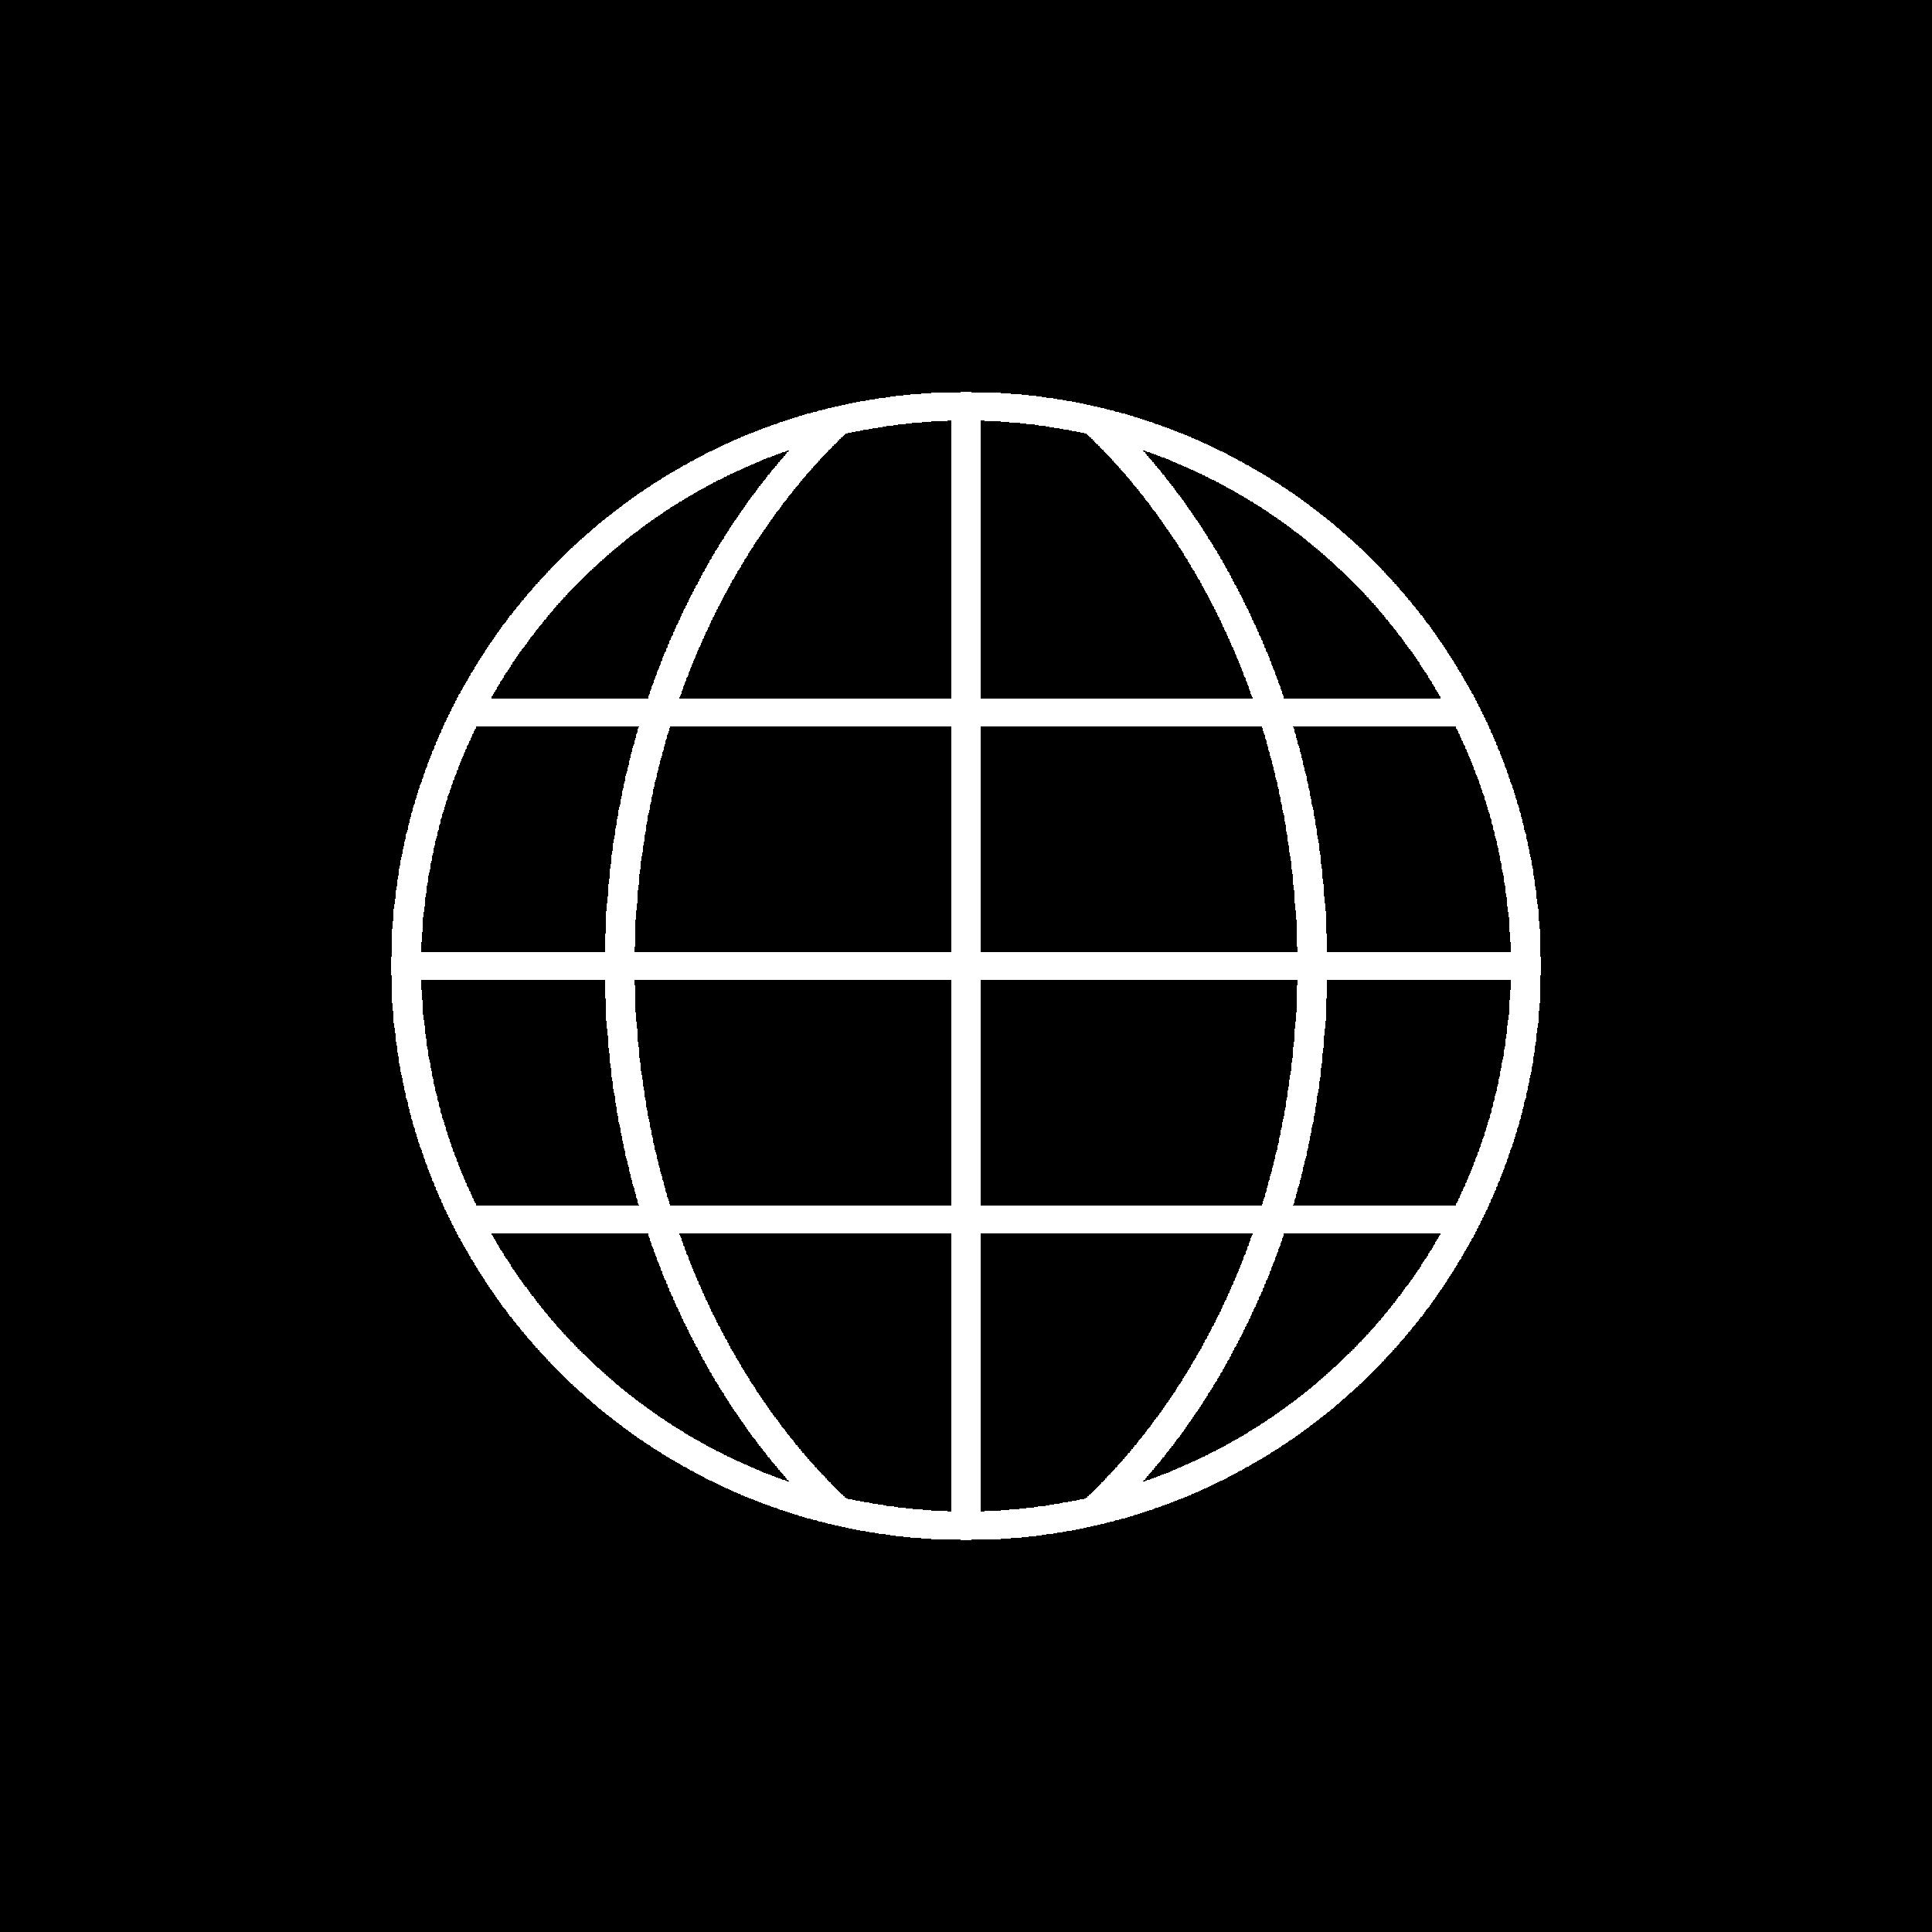 noun_global_1727503.png